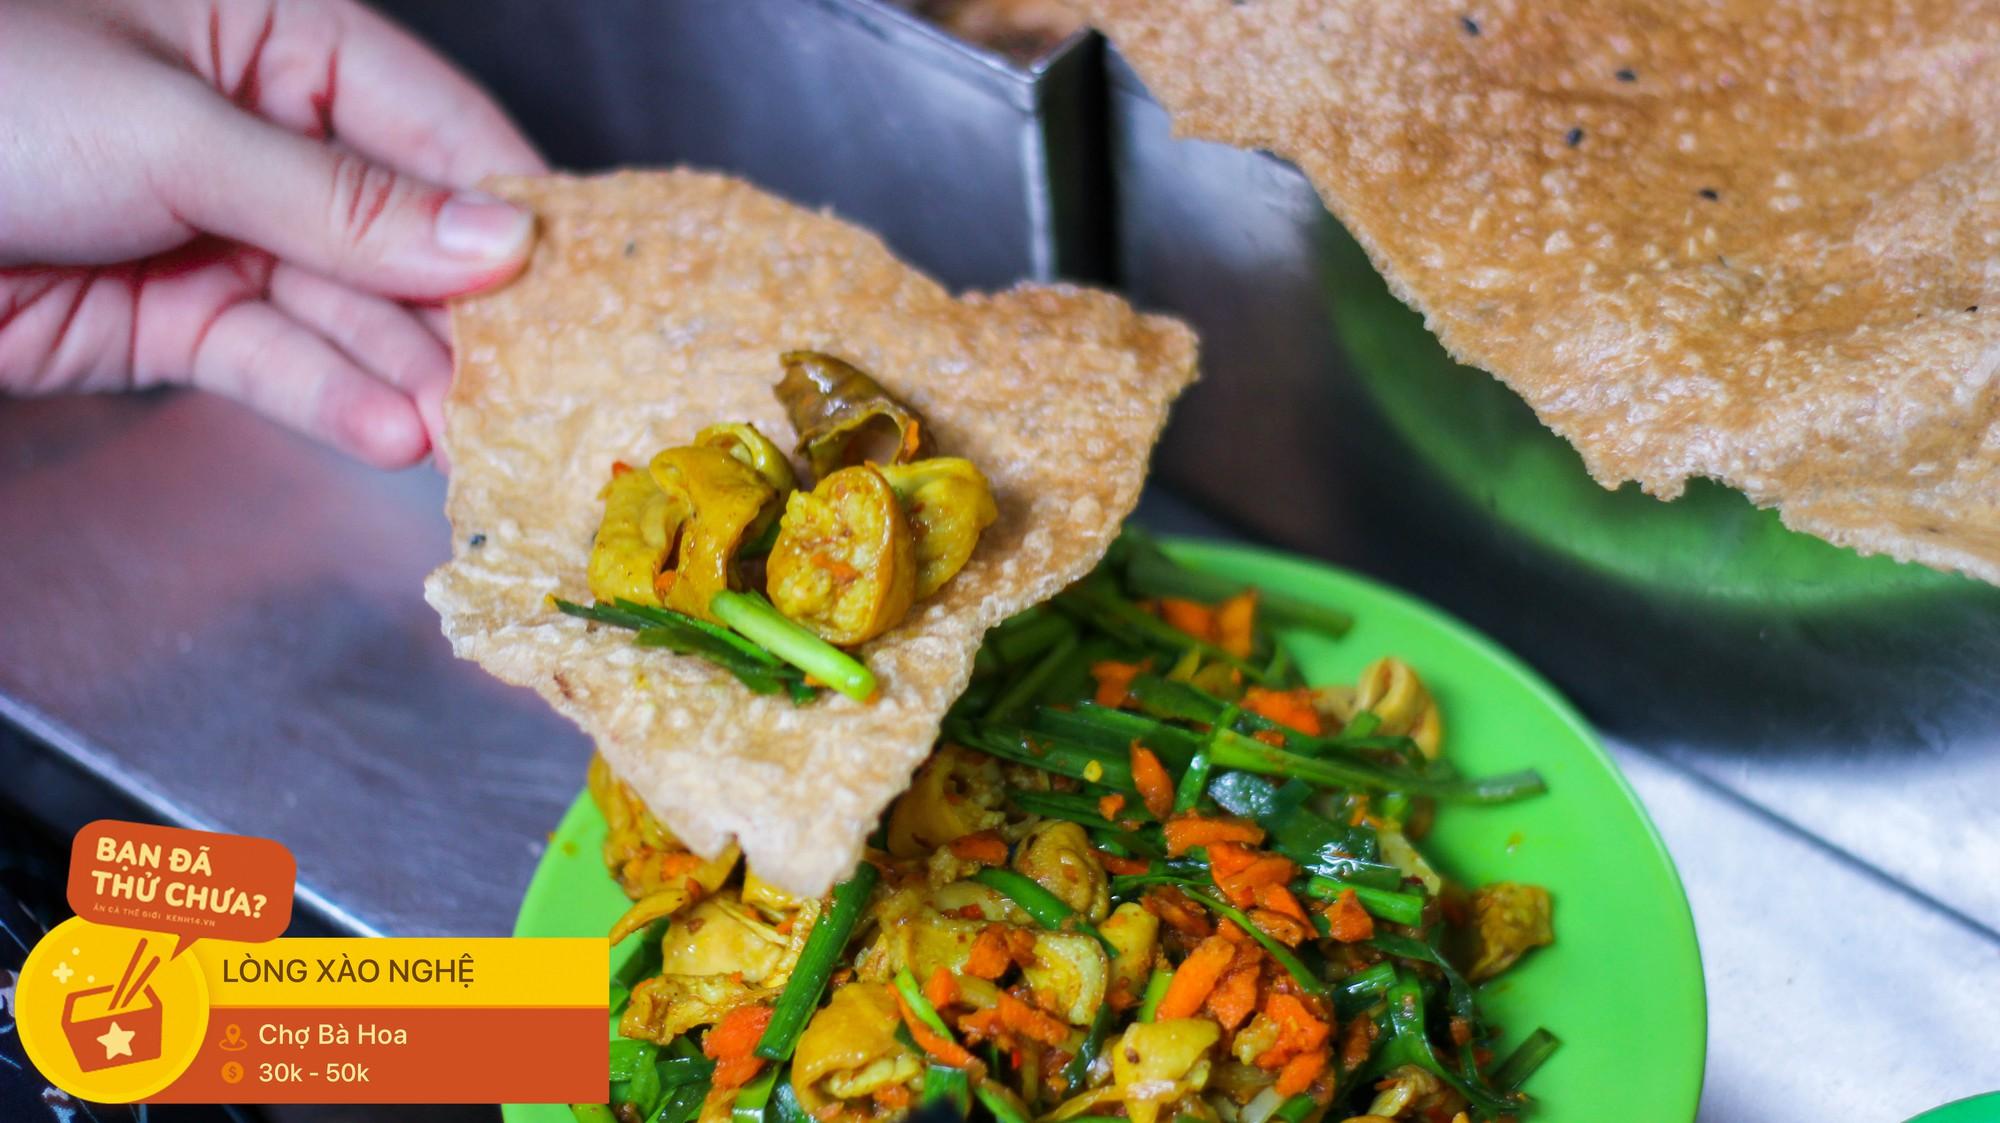 Những món ăn vặt miền Trung hiếm có khó tìm nhất định không thể bỏ lỡ khi đến chợ Bà Hoa - Ảnh 2.